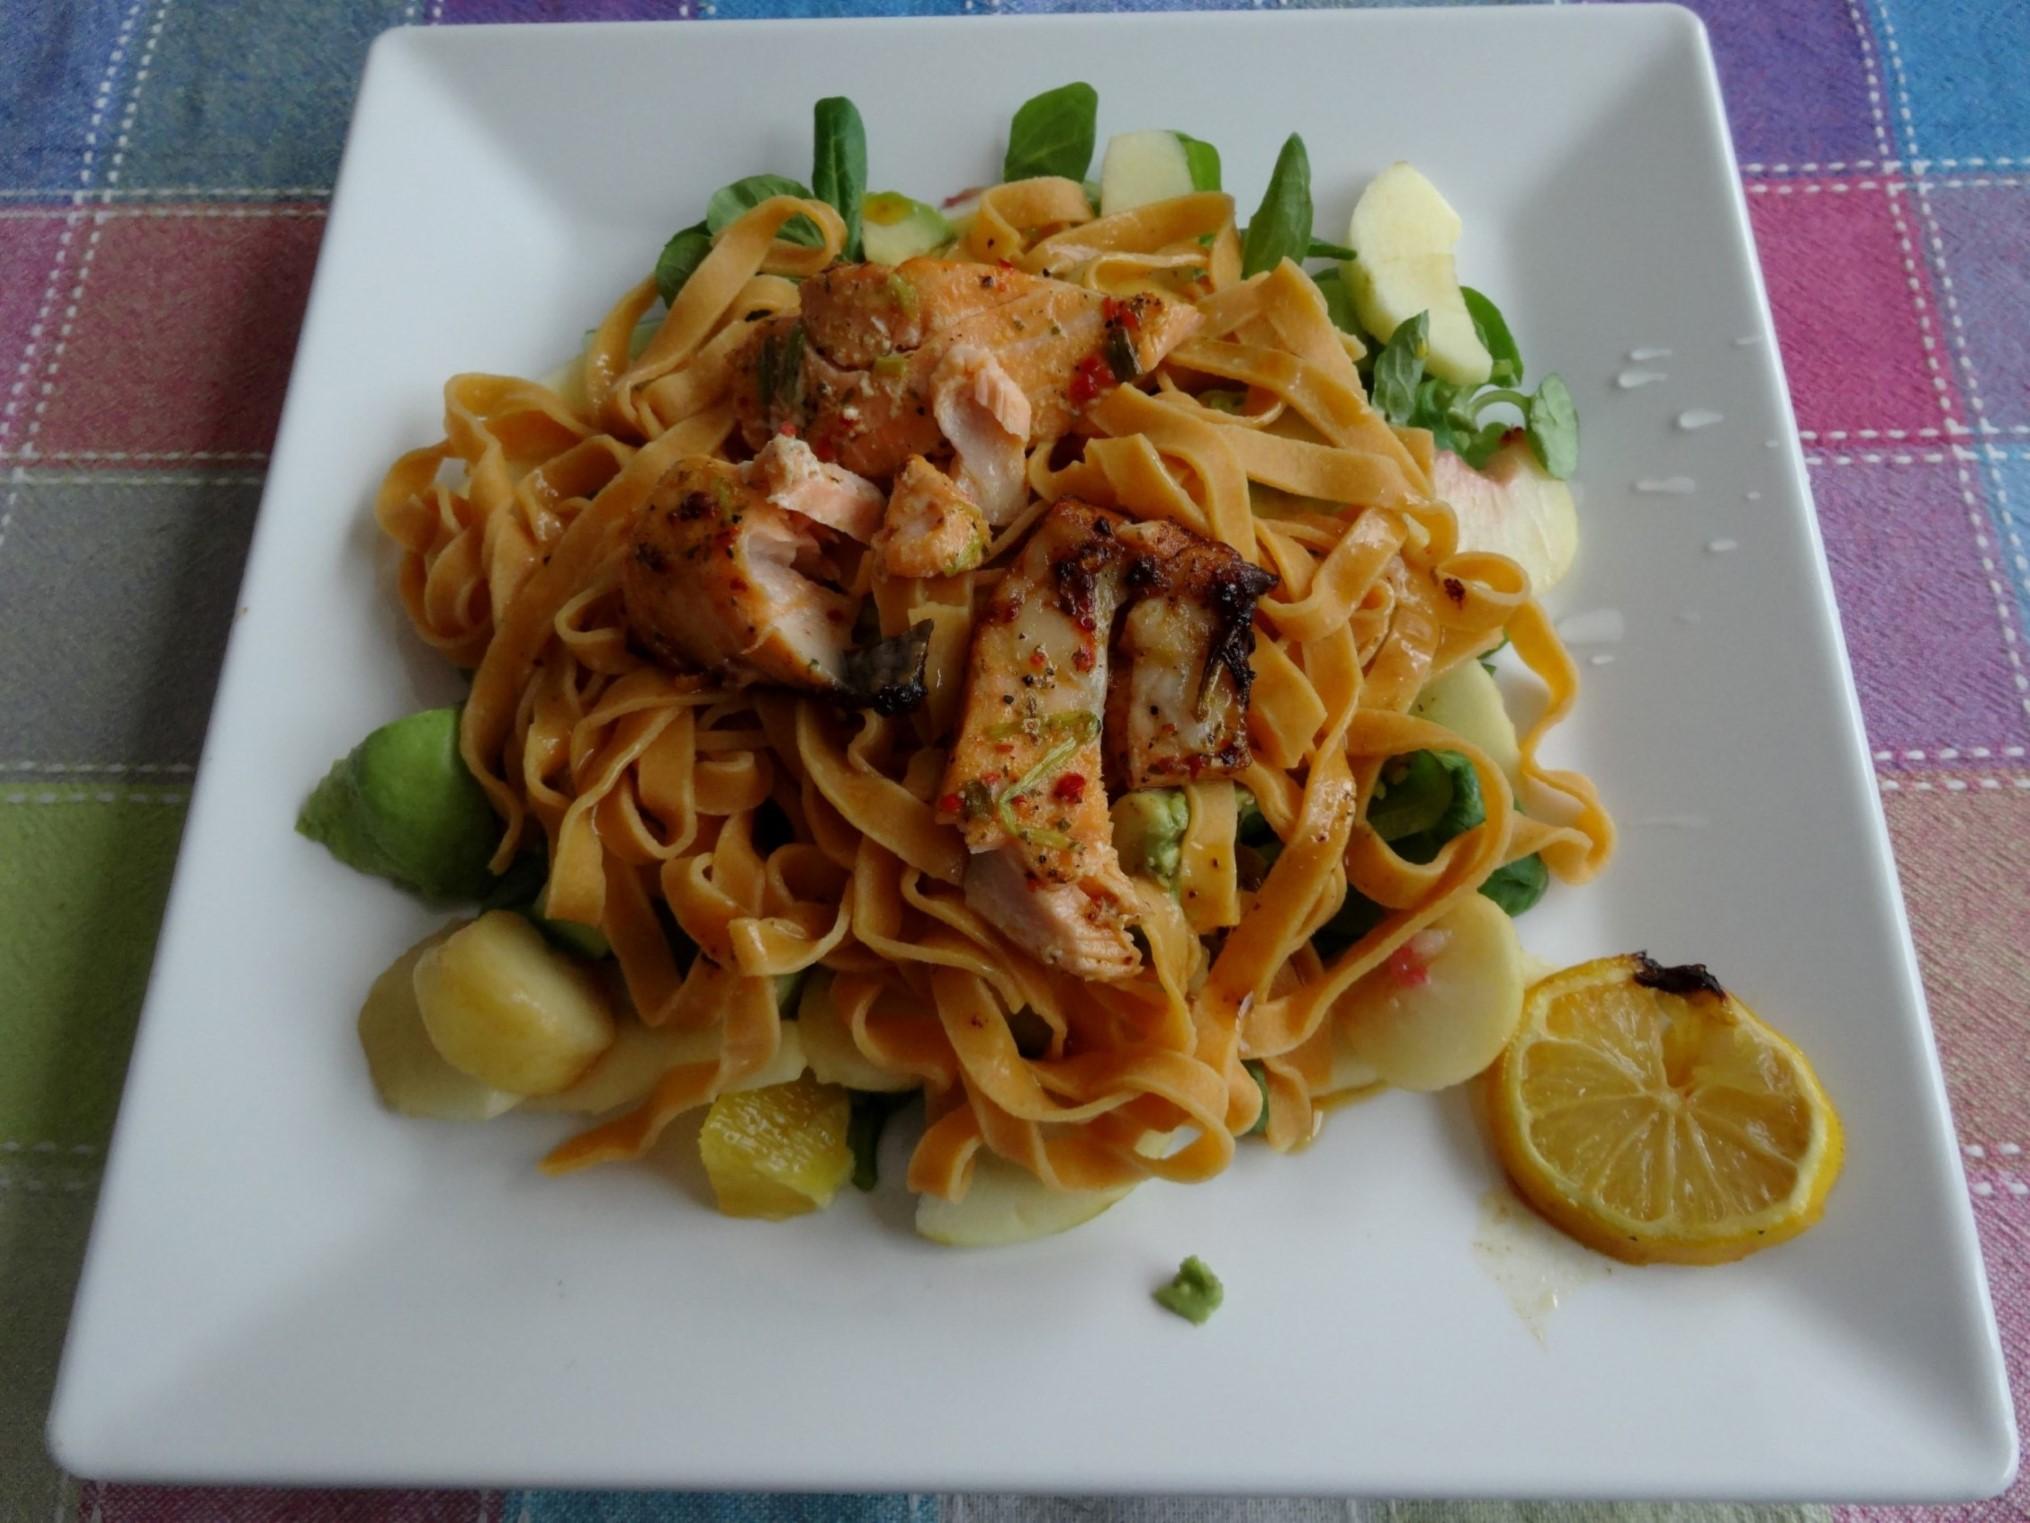 Avocado zalm salade recept